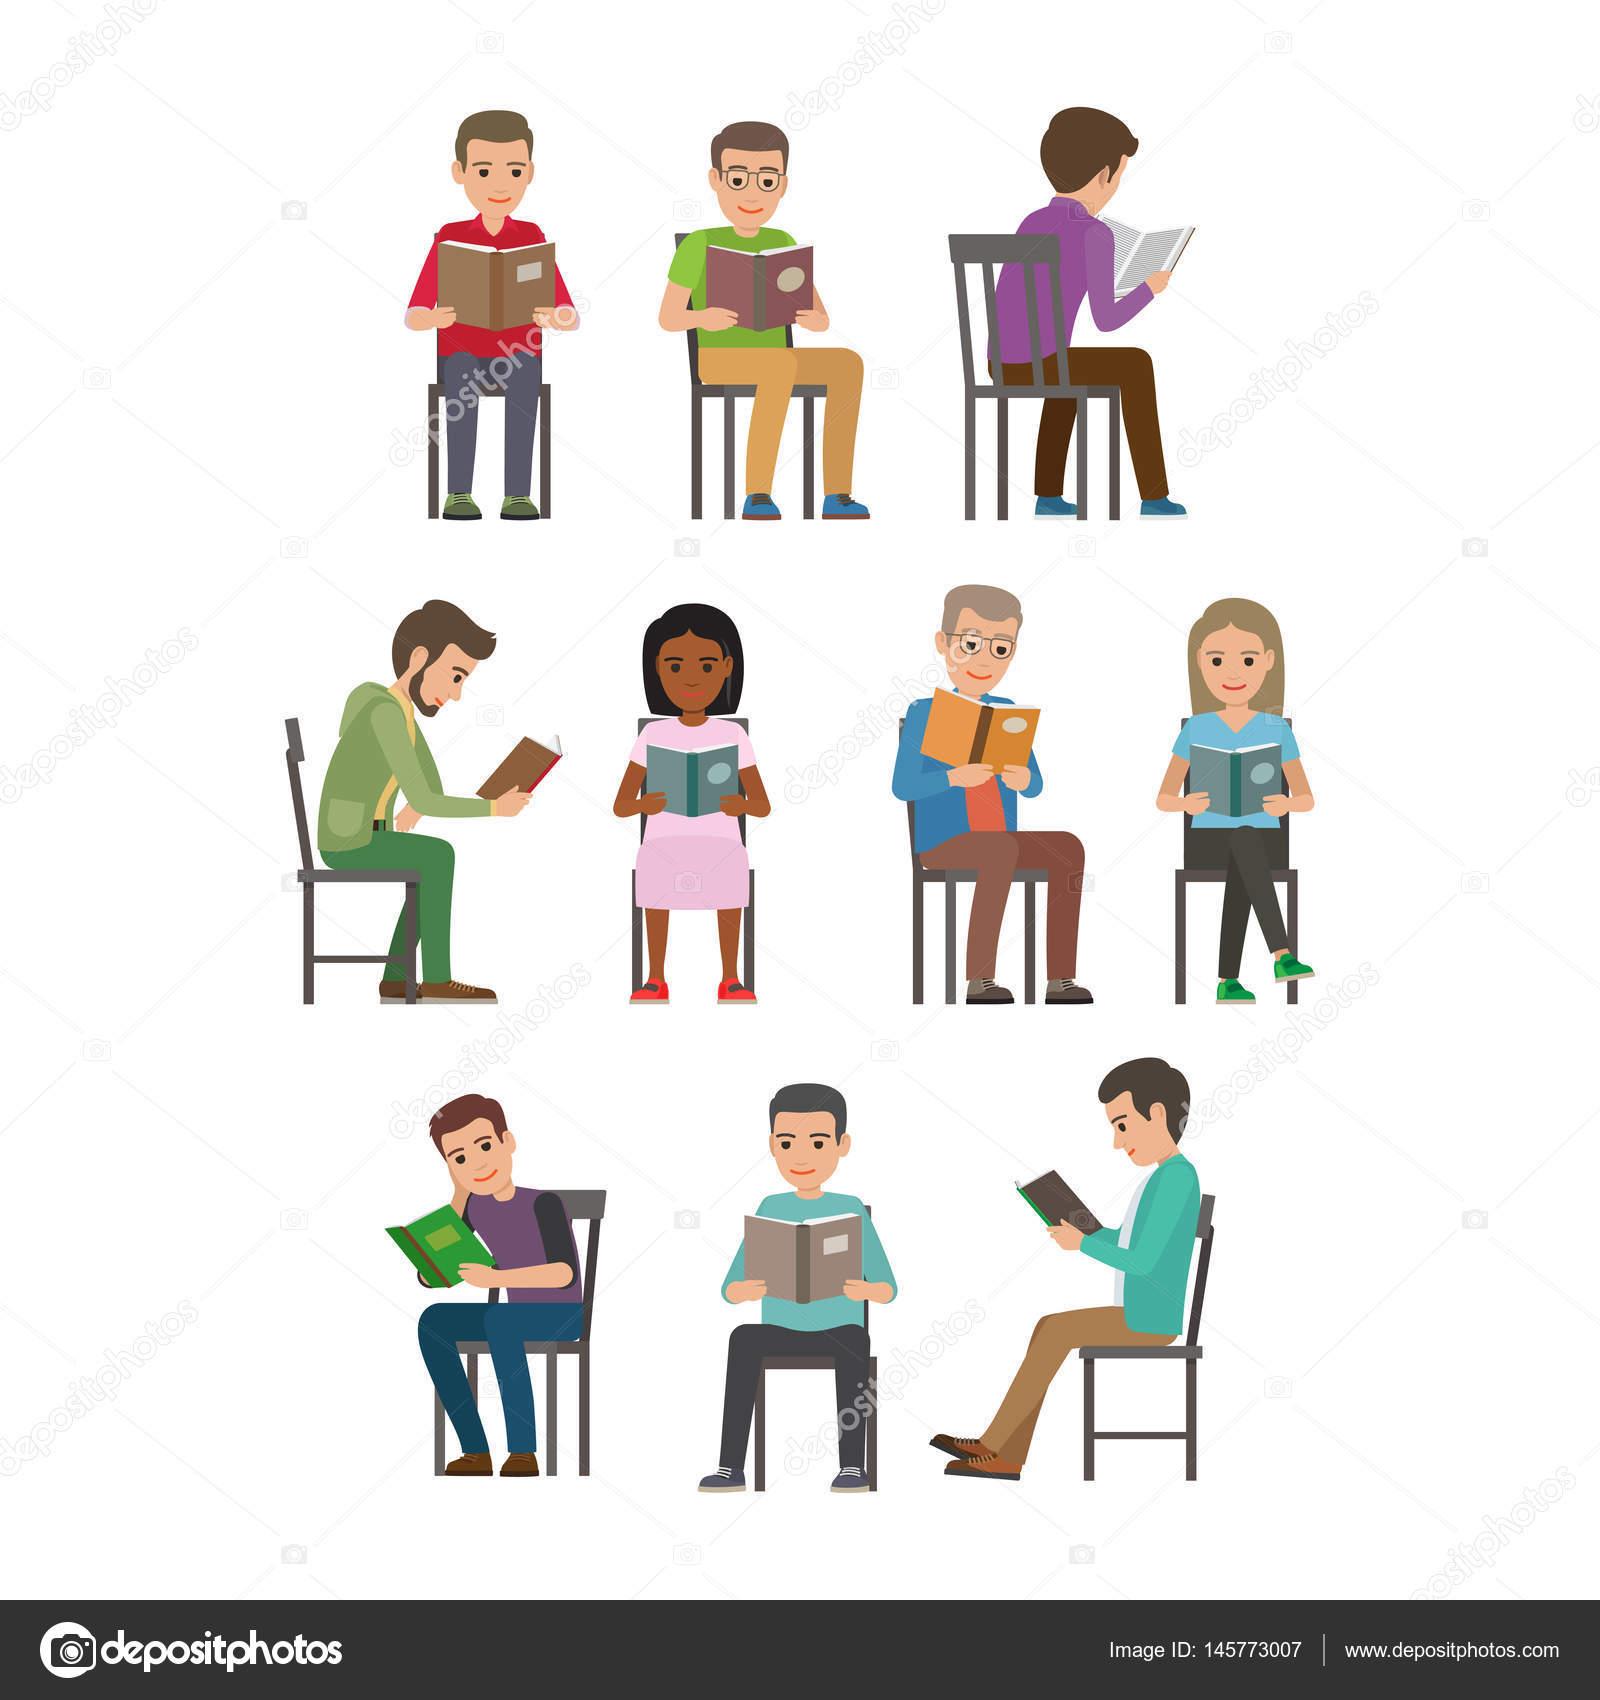 Foto Persone Sedute.Persone Sedute E Lettura Libro Di Testo Piatto Vettoriale